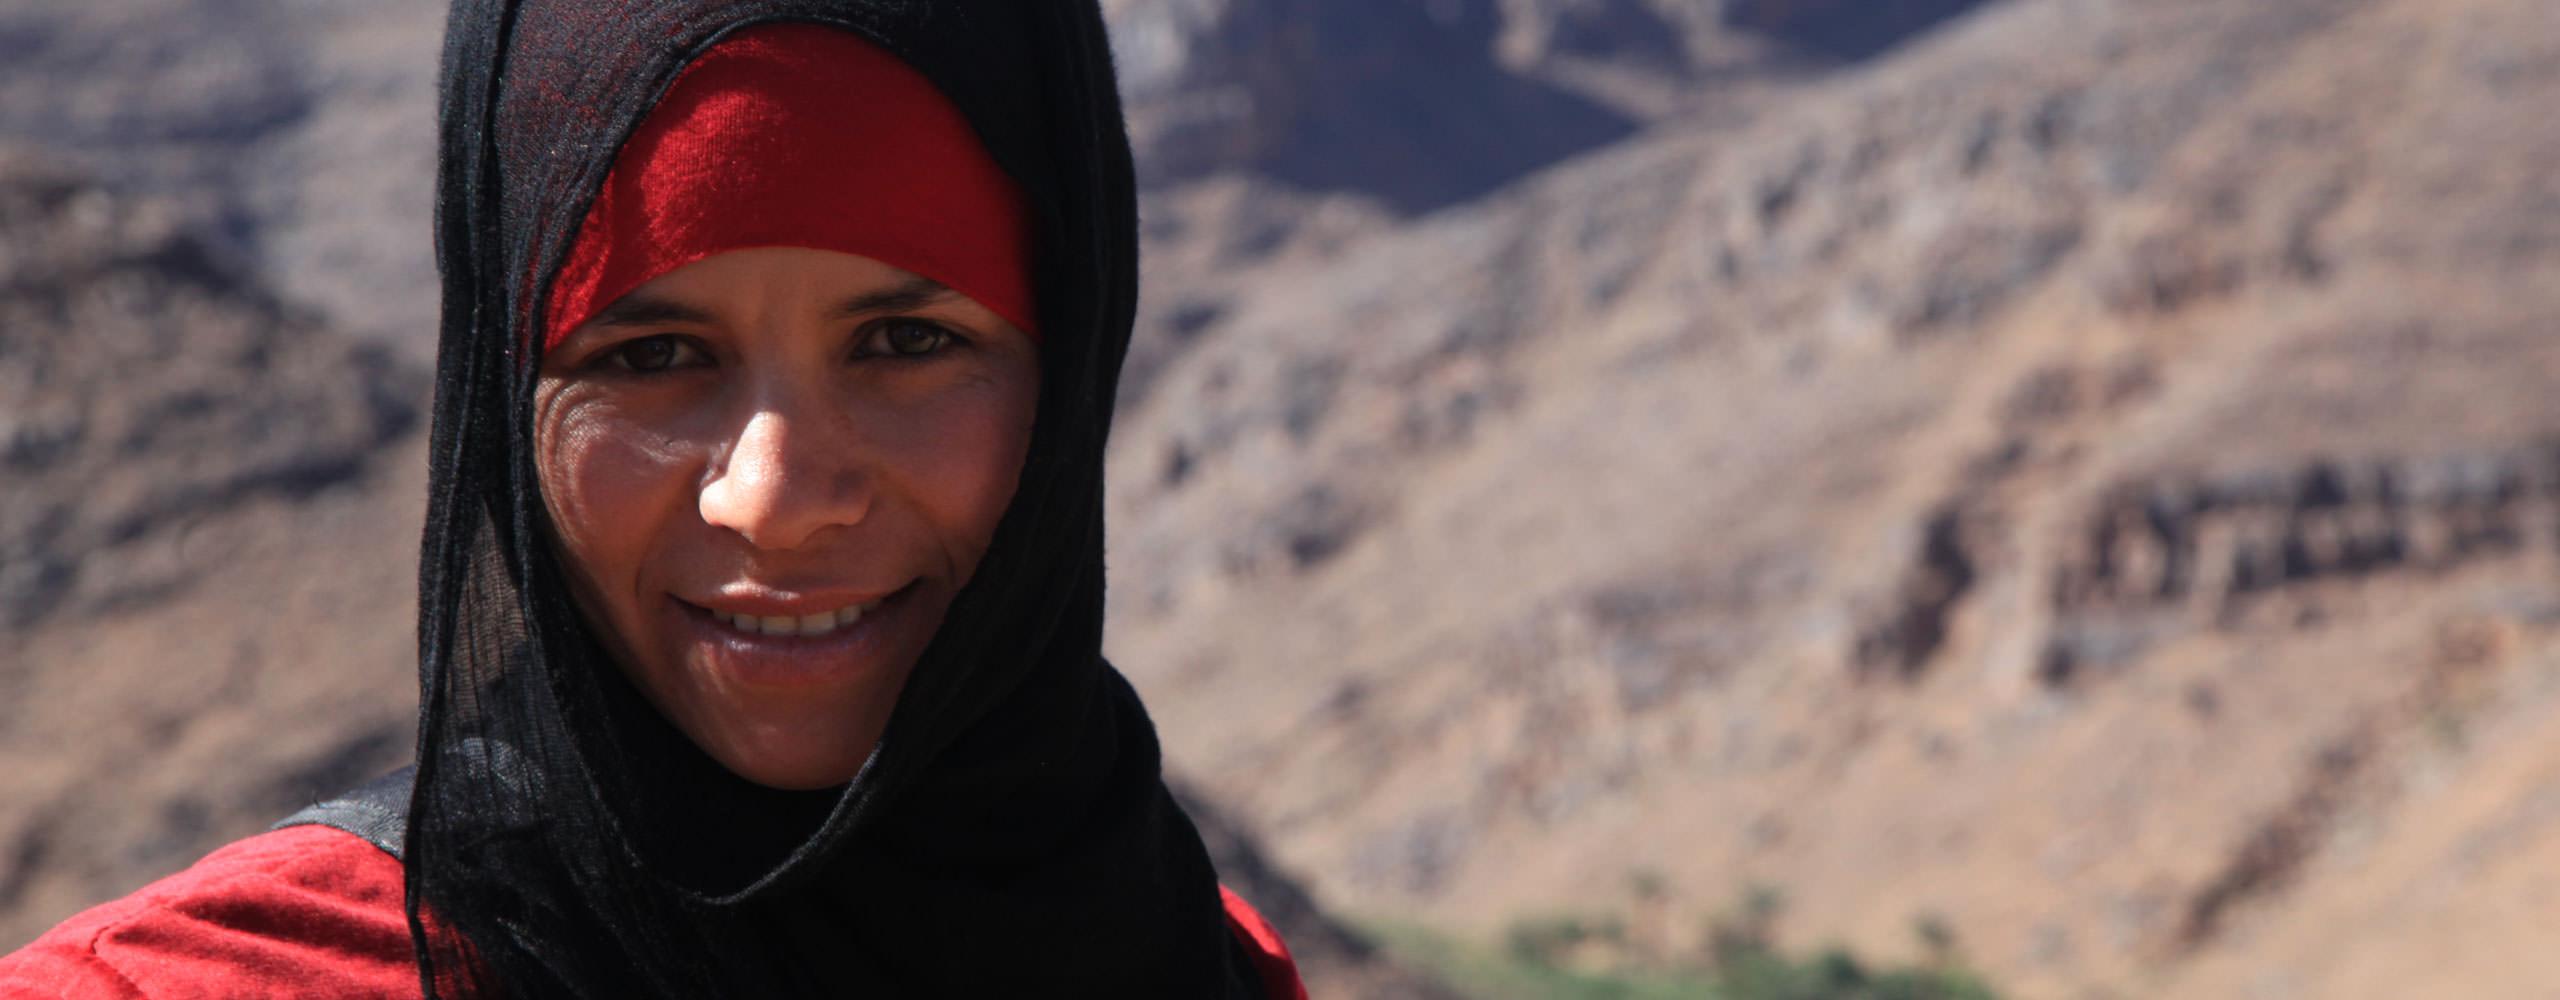 טיול ג'יפים למרוקו - 12 יום - תרבות ברברית, אטלס וסהרה